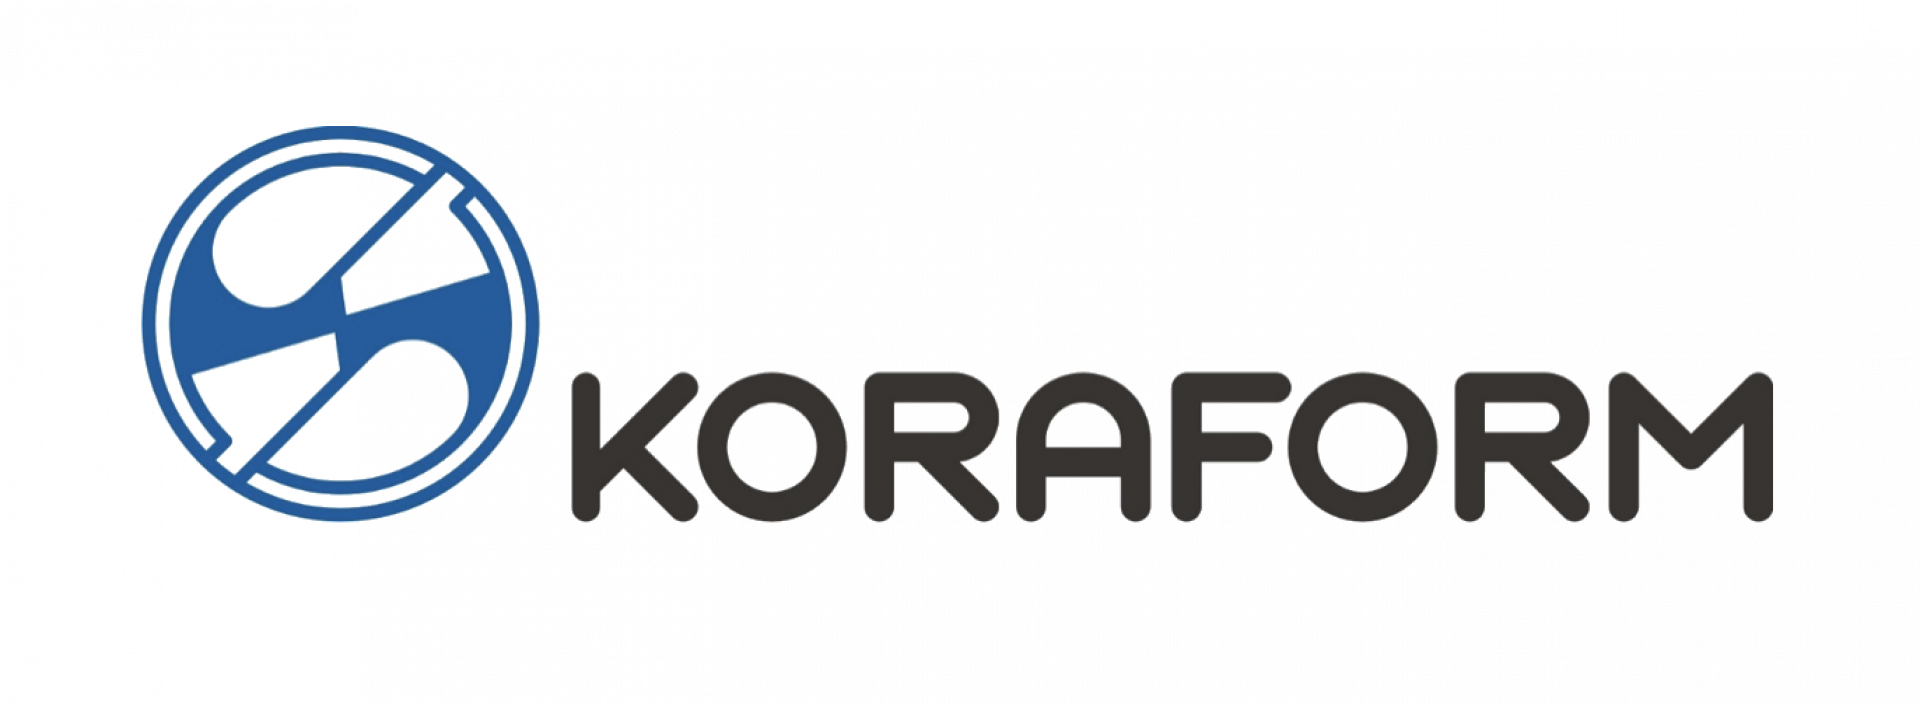 koraform_logo.png